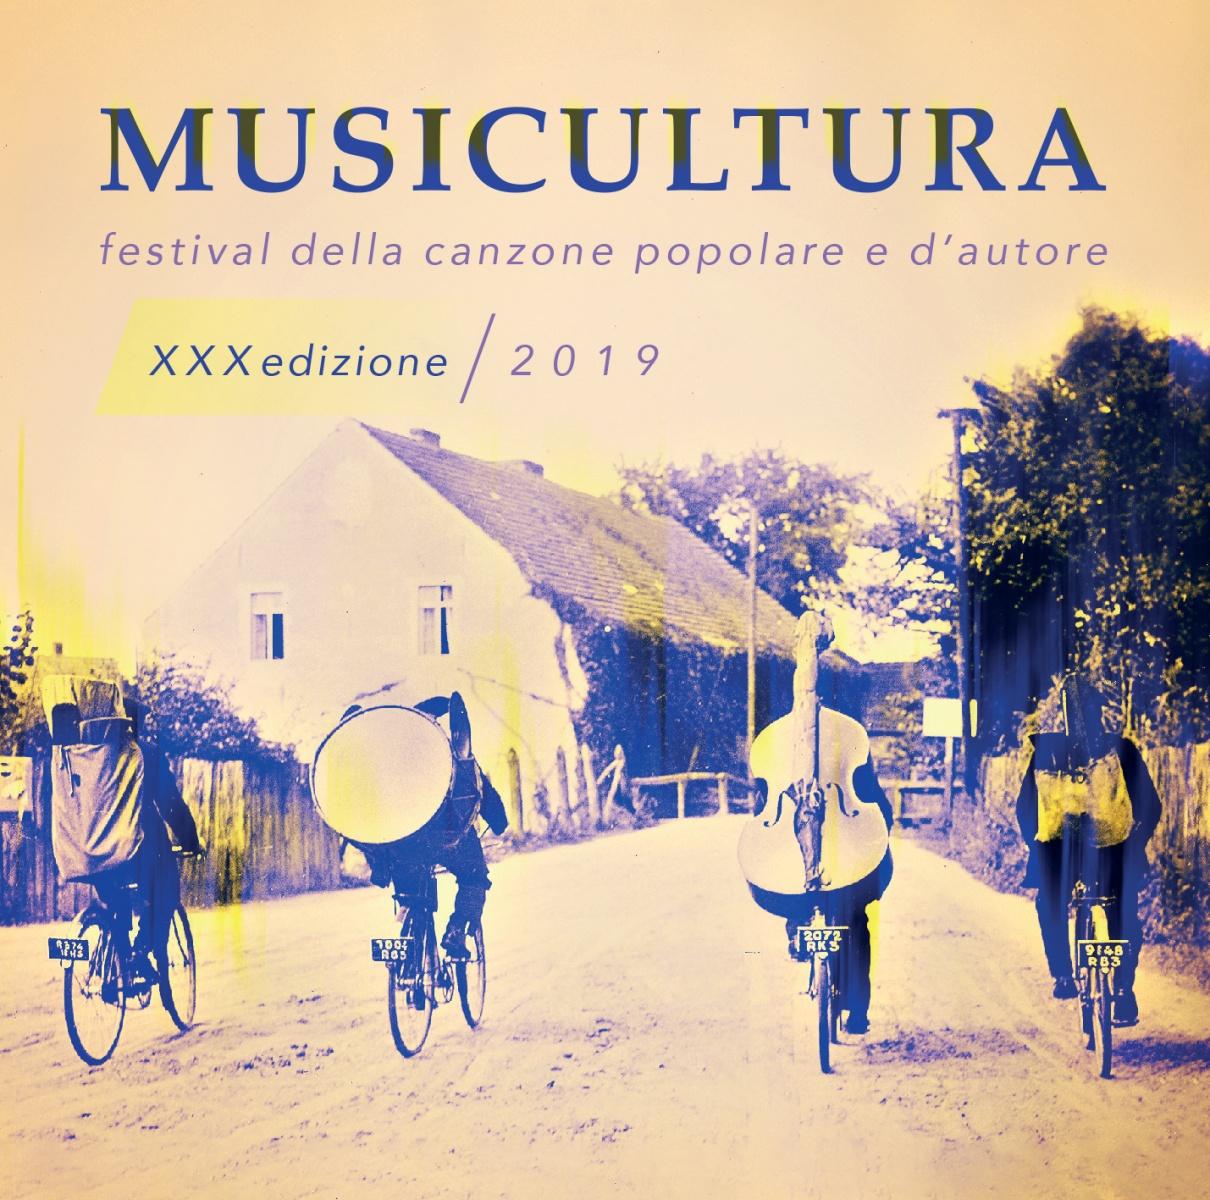 Musicultura 2019